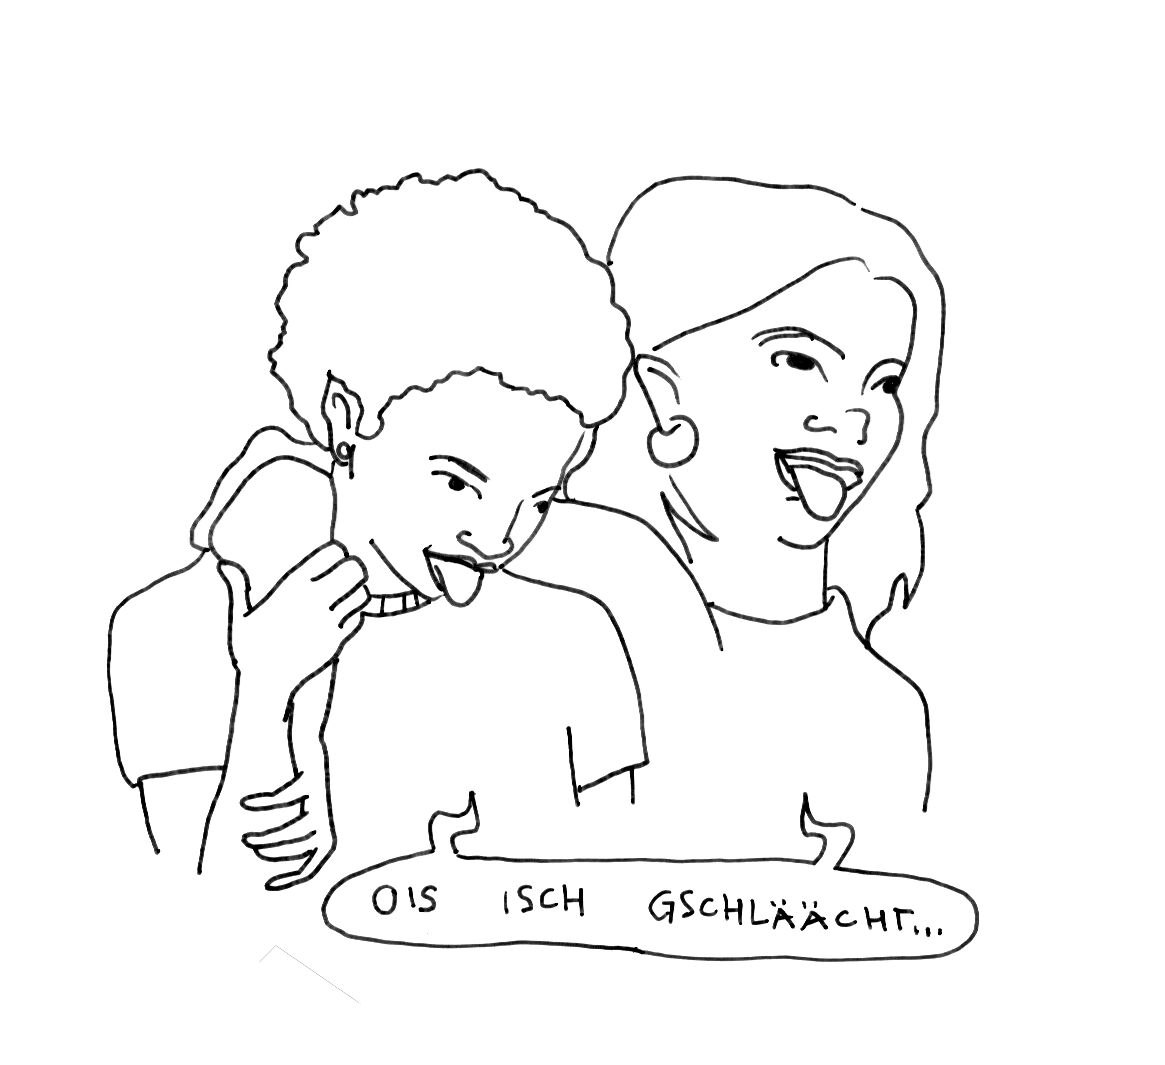 """ein Logo des feministischen Streikkollektivs an den Hochschulen. Zeichnung zweir Frauen, die ihre Zungen rausstrecken. Darunter eine Sprechblase """"ois isch gschlächt"""""""